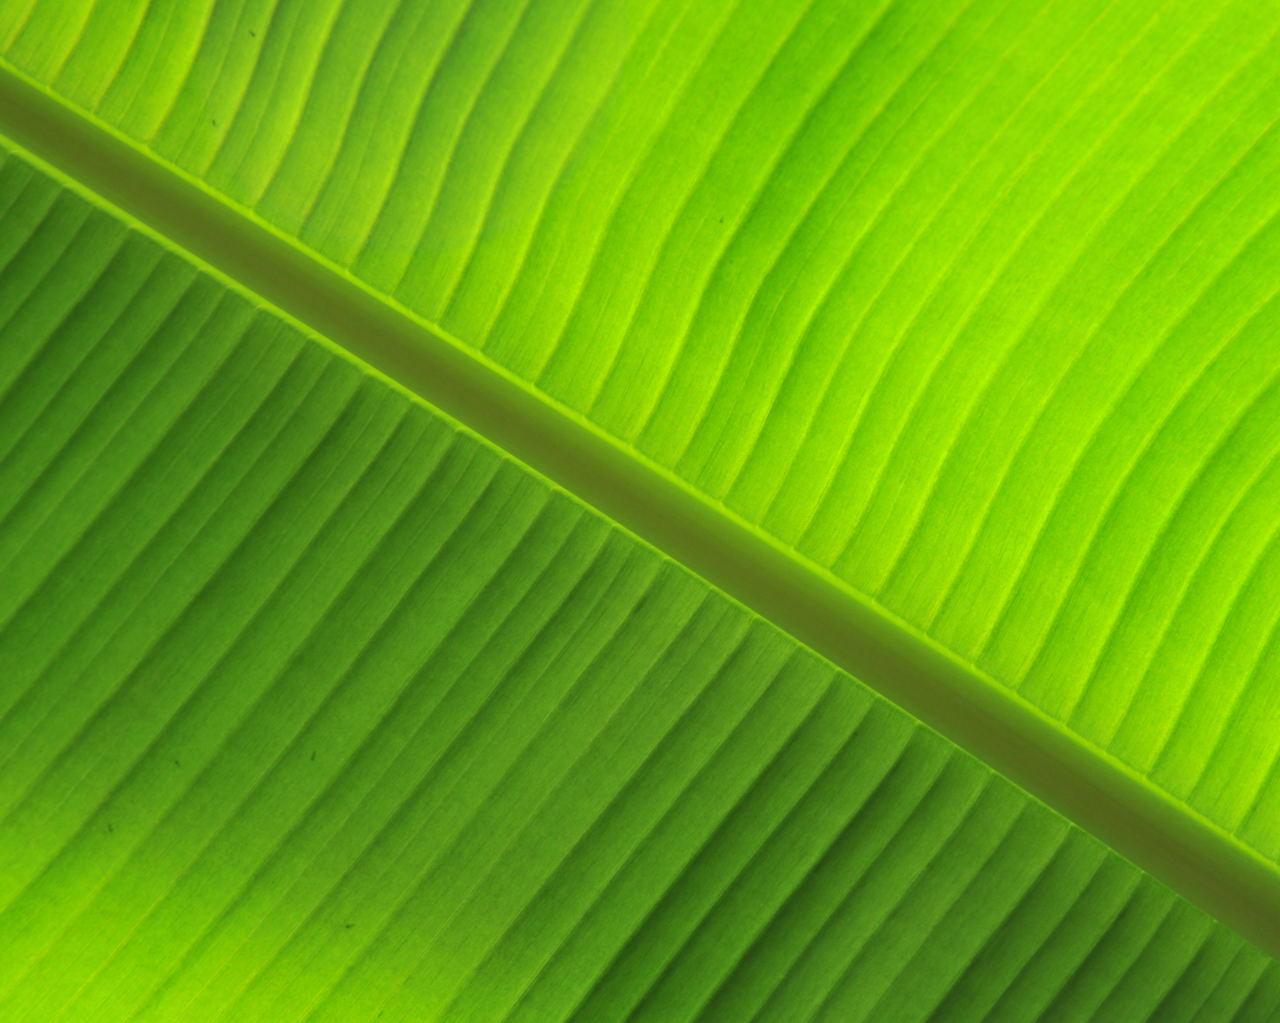 banana leaf by daniel sommerlad desktop wallpaper